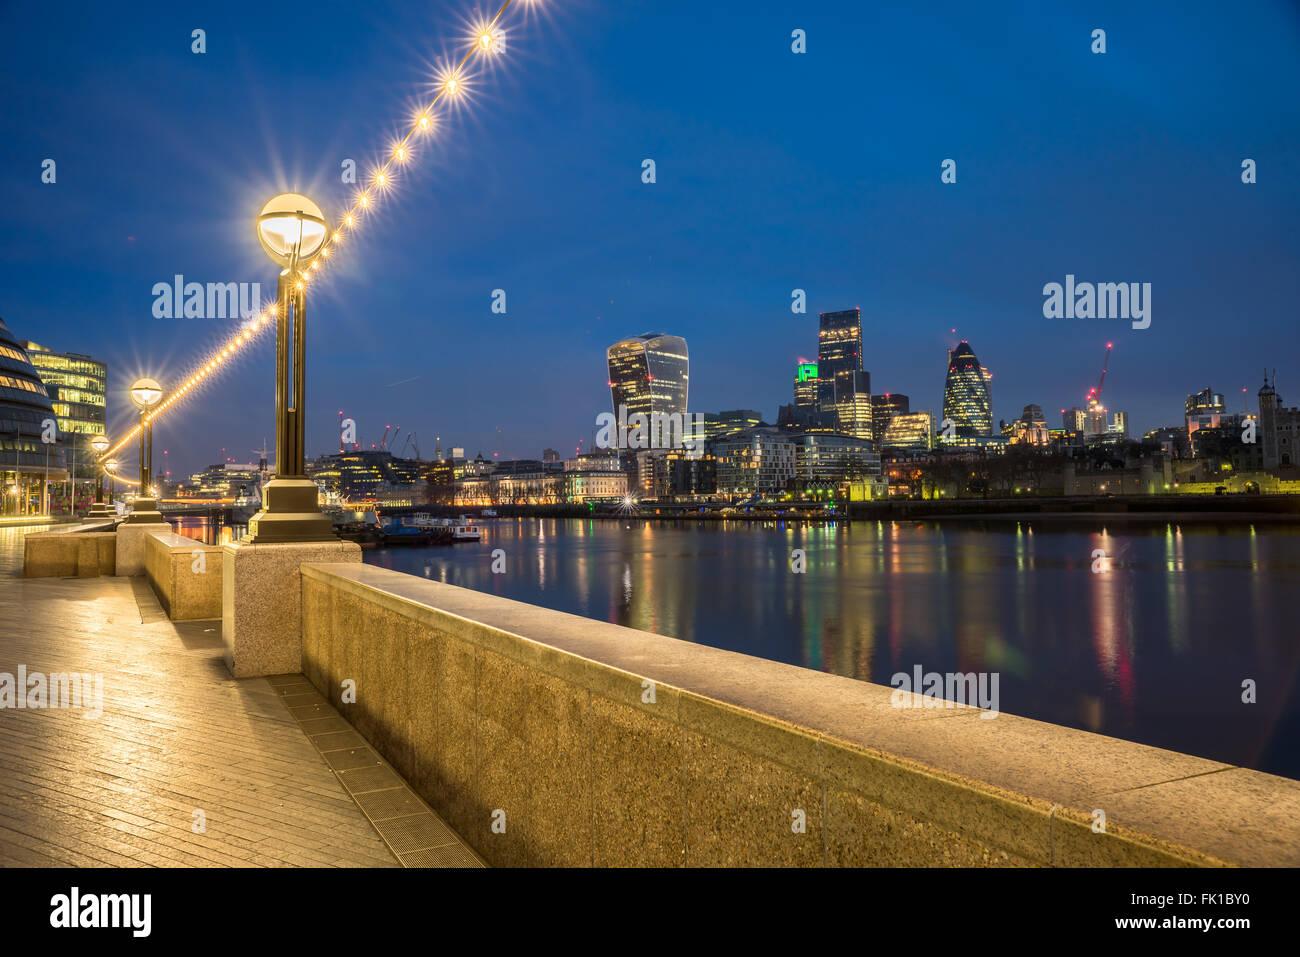 Skyline von der Themse in london Stockbild